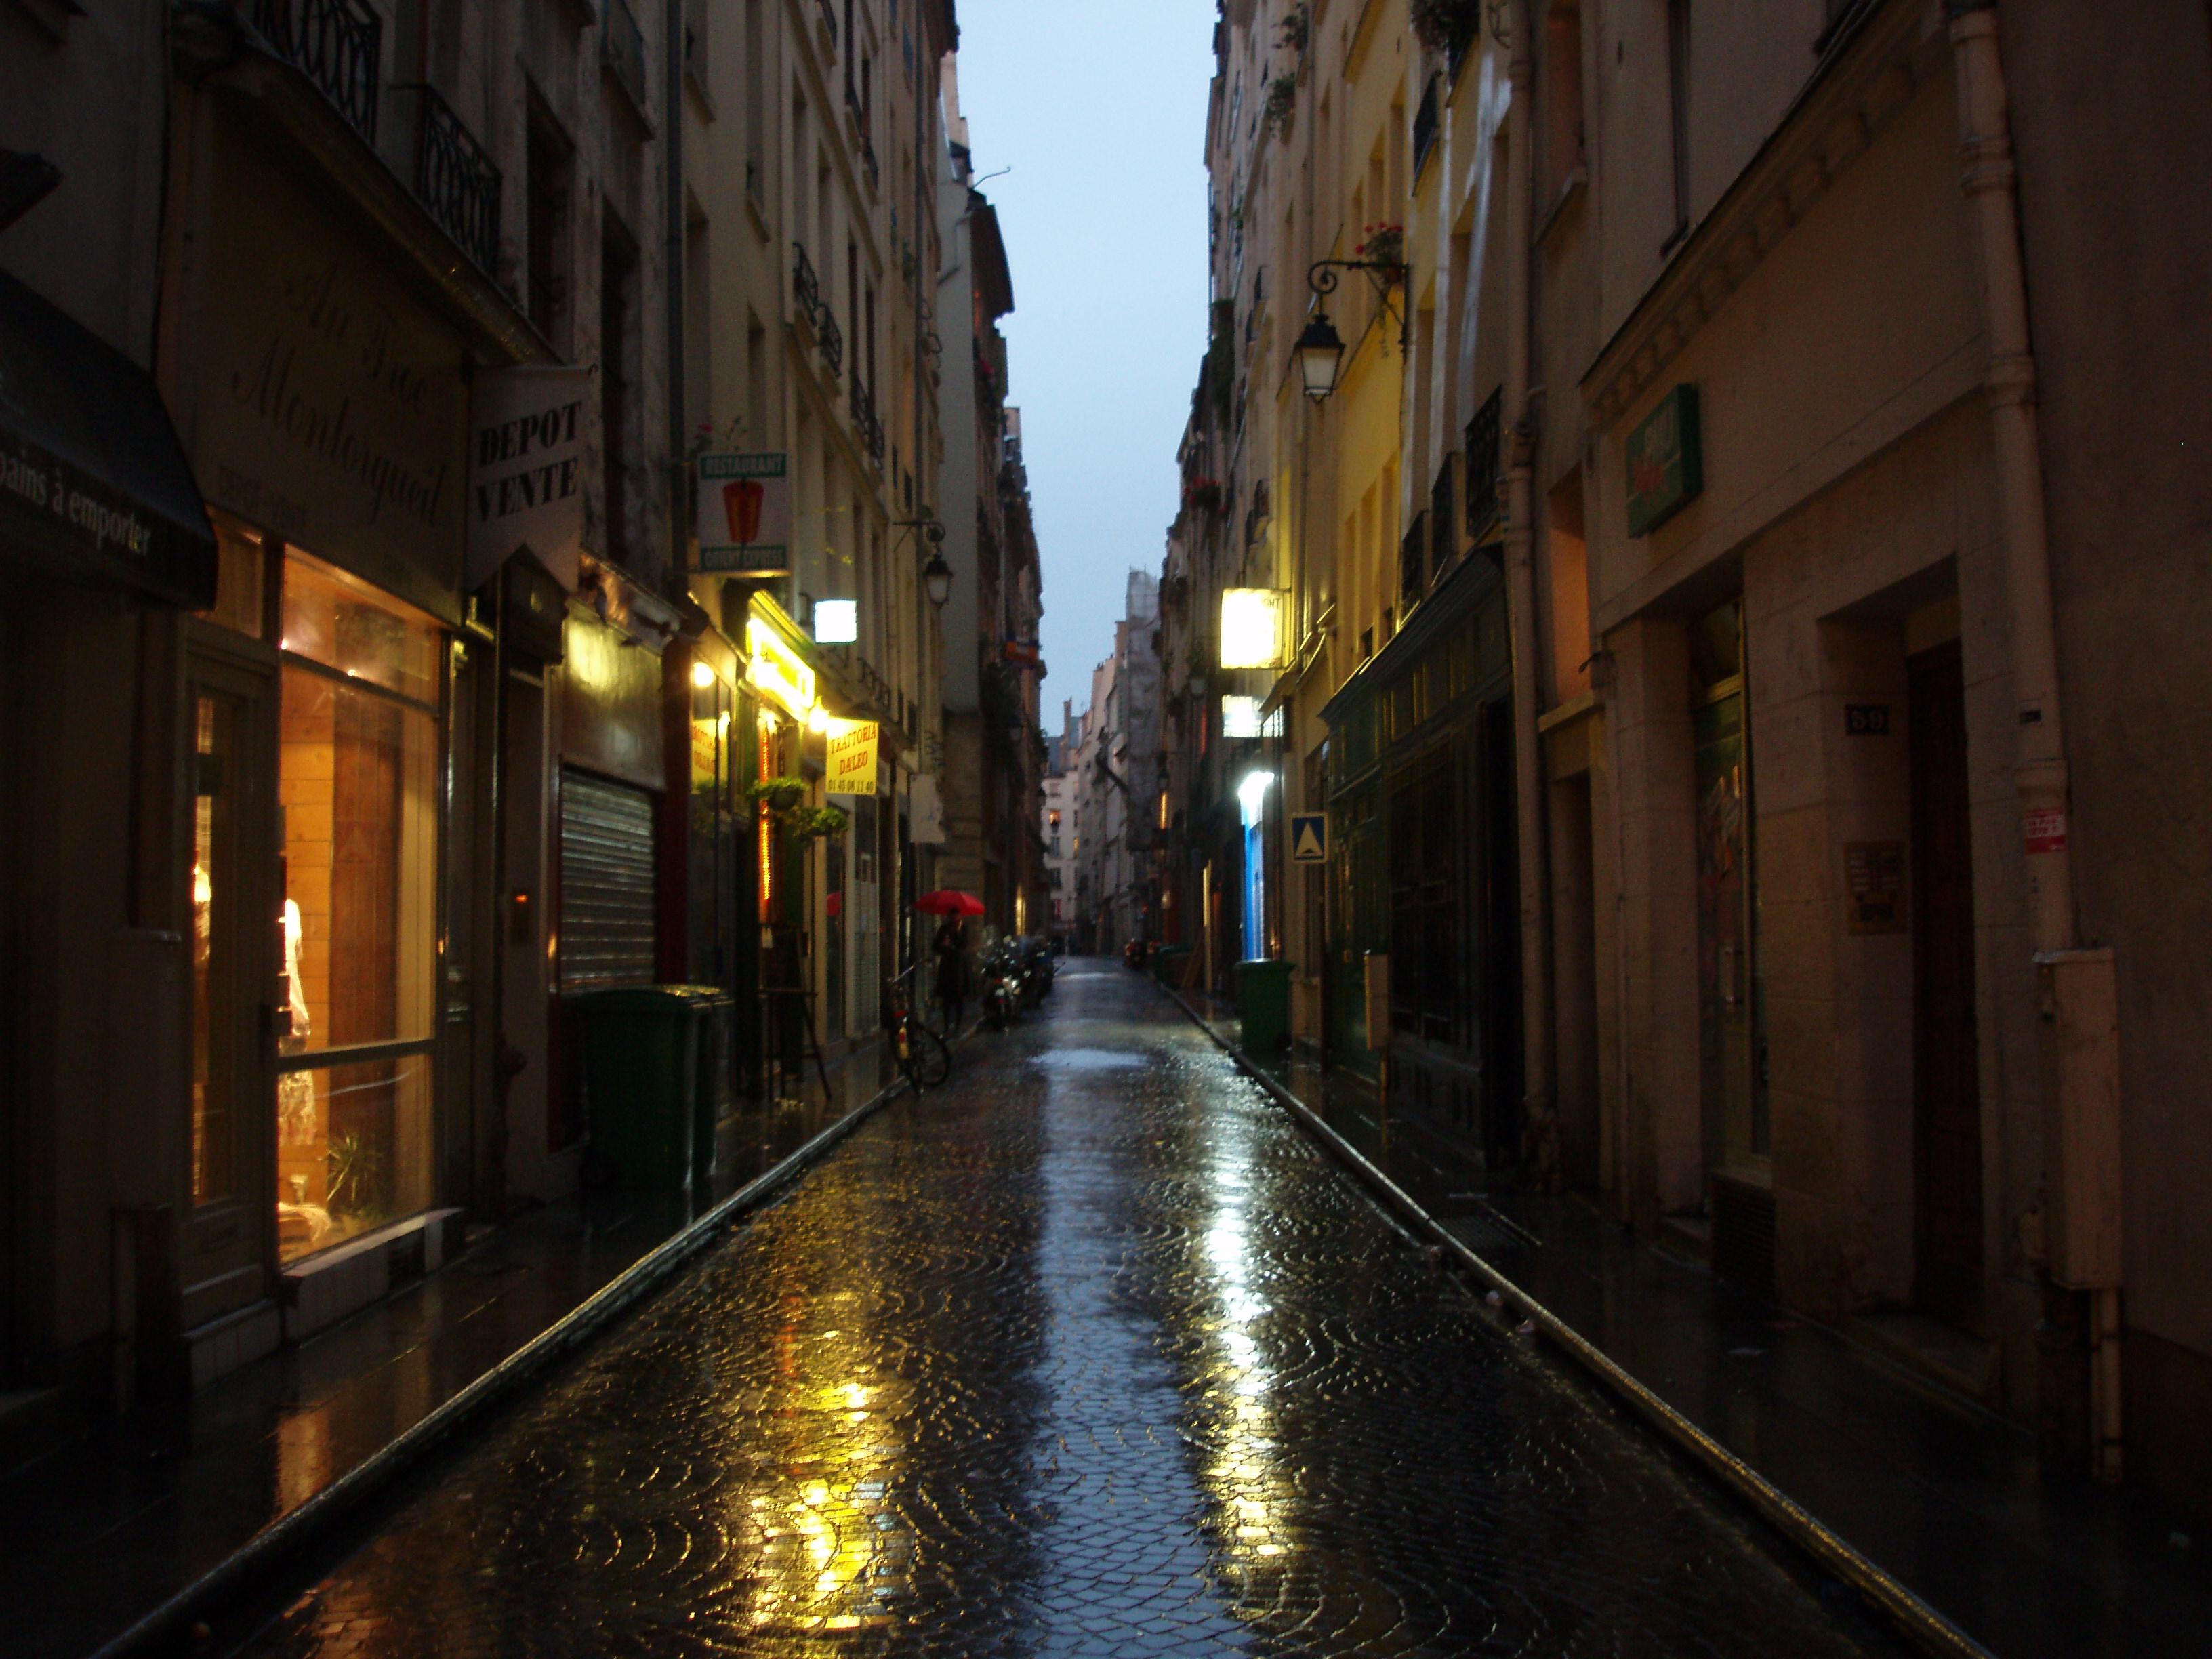 Rue la nuit, éclairée